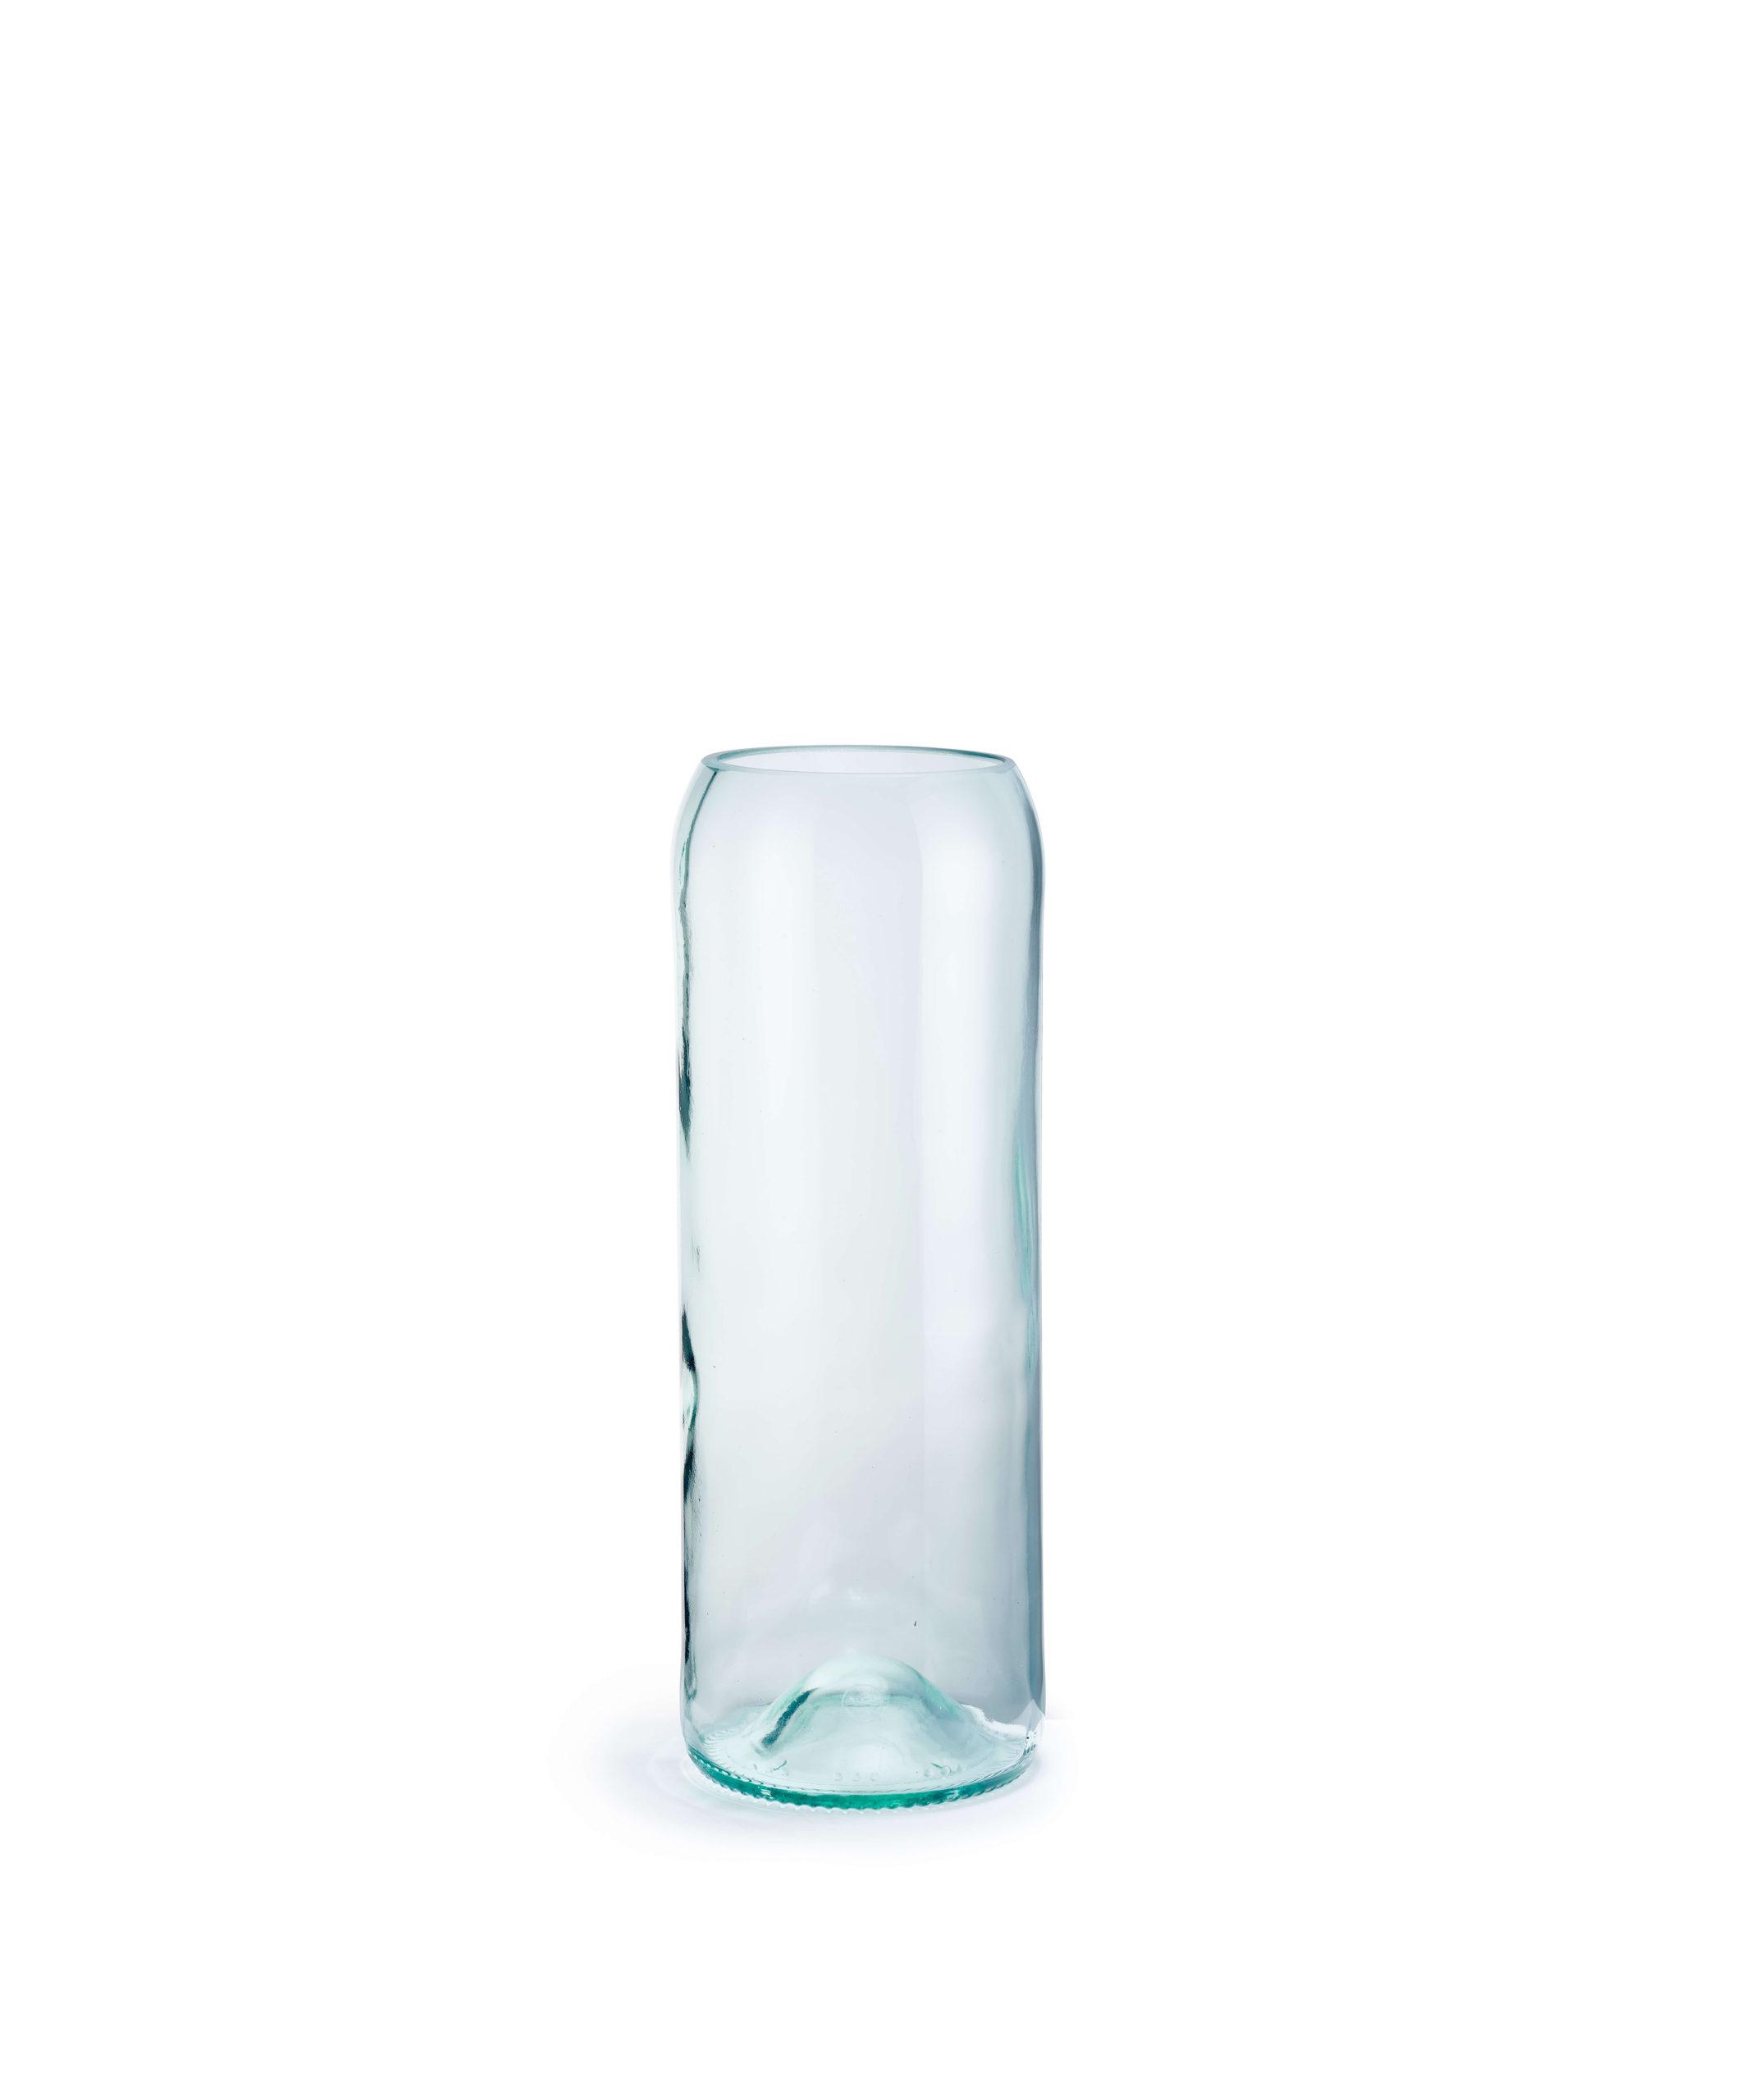 Vase bouteille Série limitée